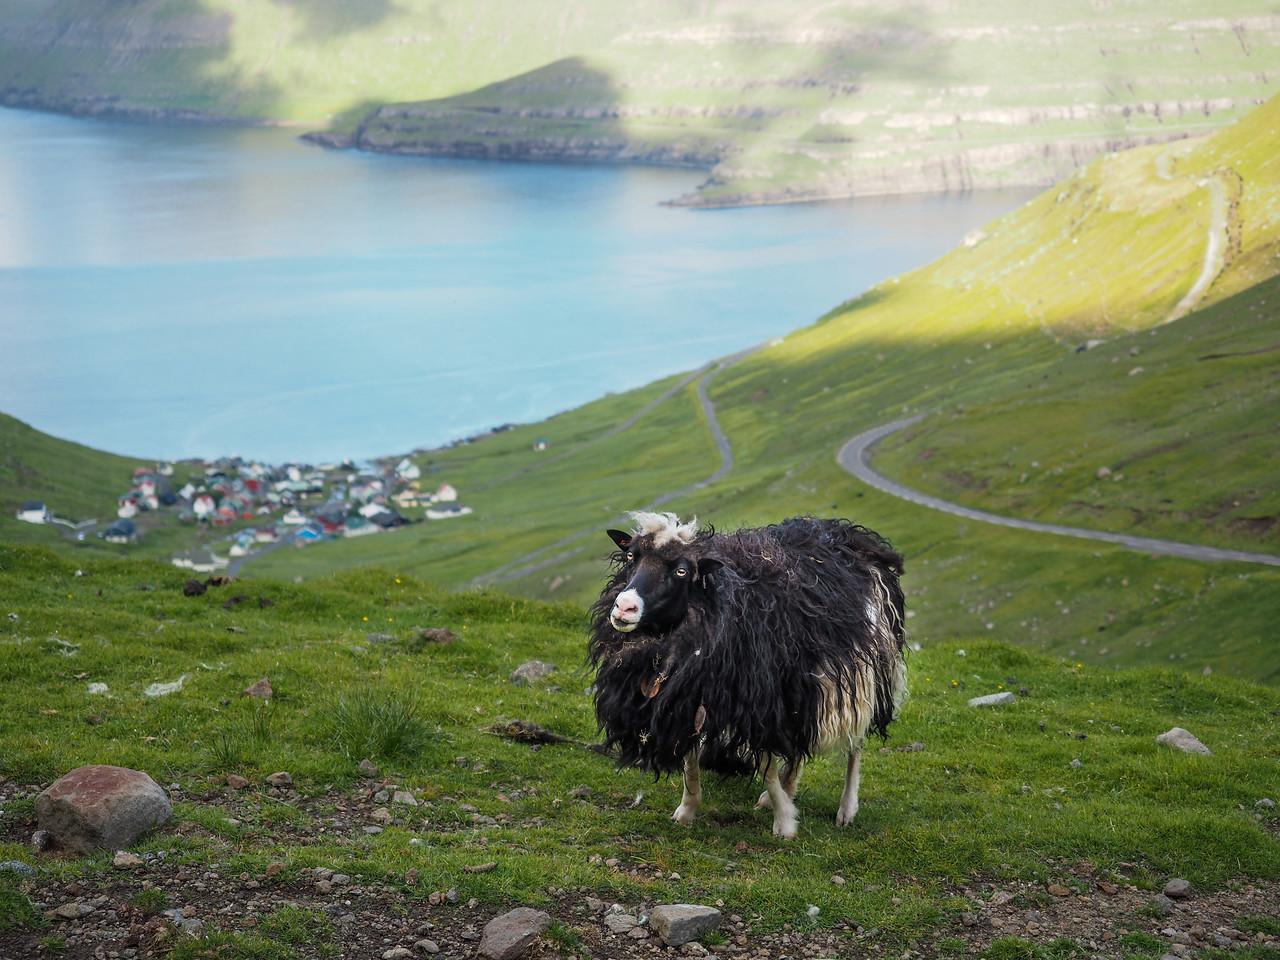 Shaggy sheep in the Faroe Islands